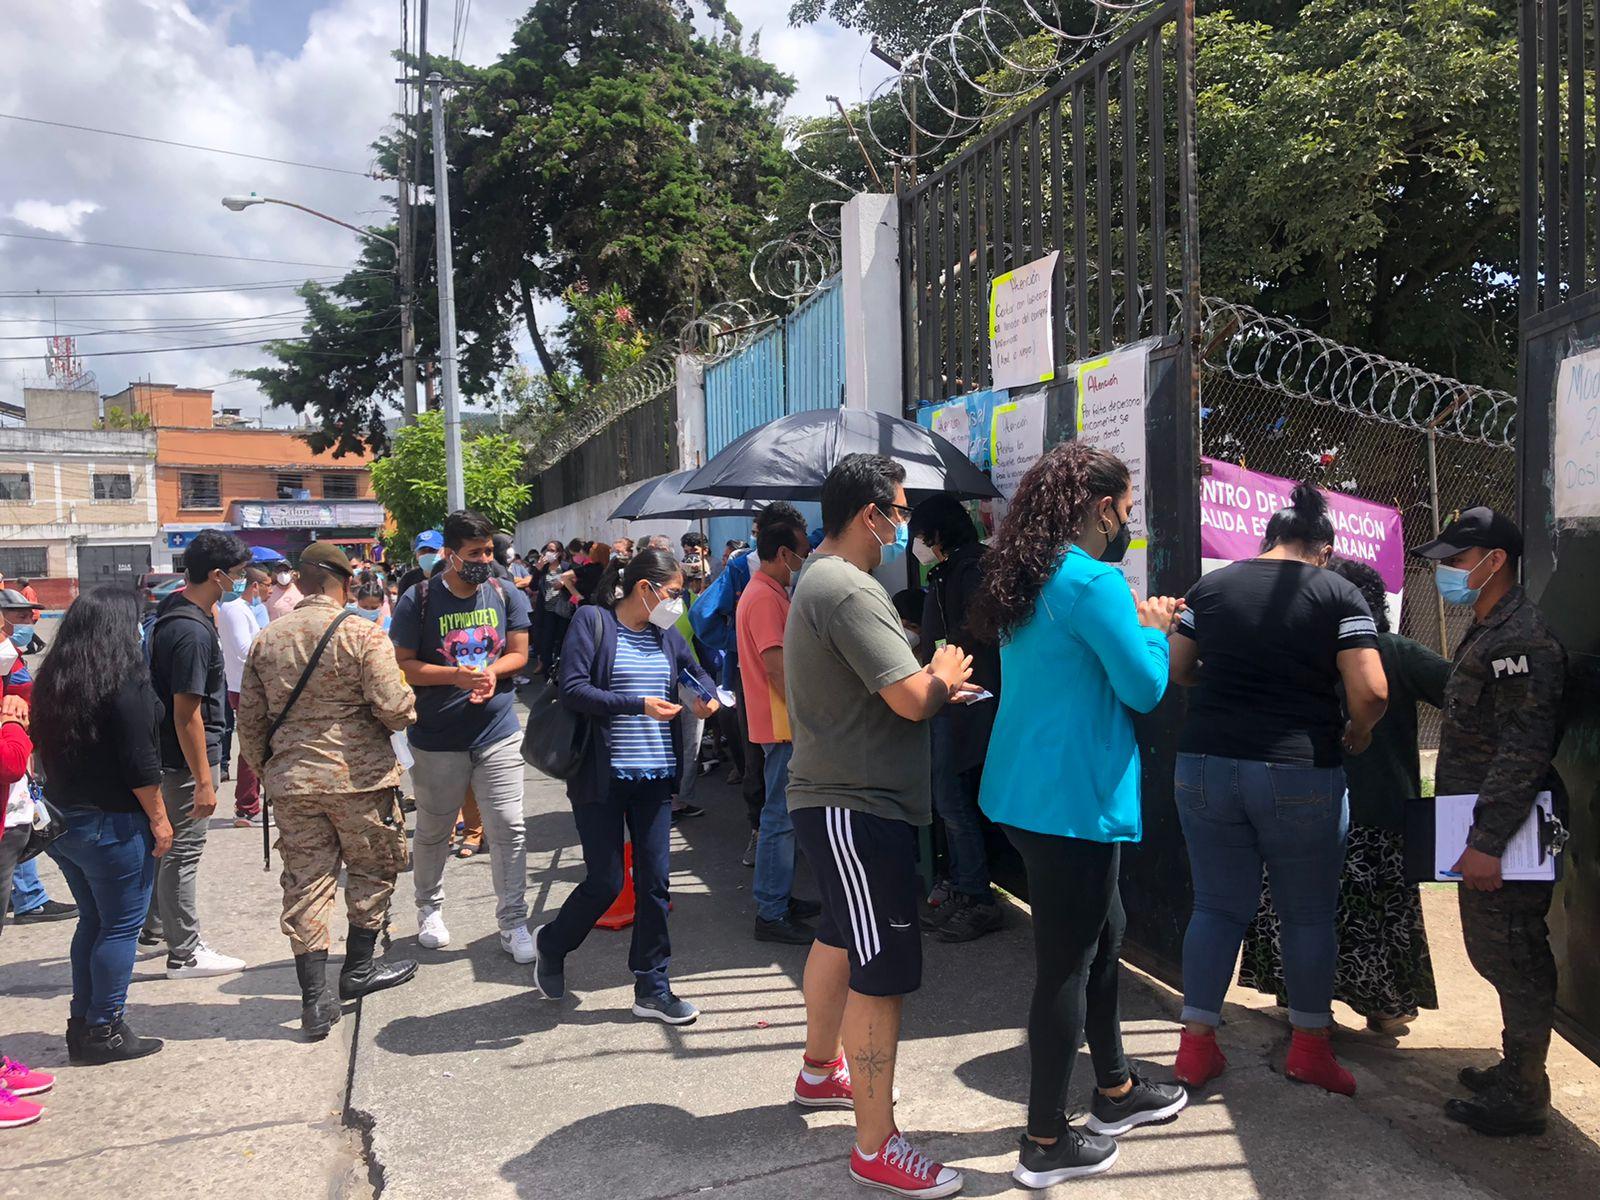 Centros de vacunación comienzan a reportar escasez de vacunas covid-19 - Prensa Libre